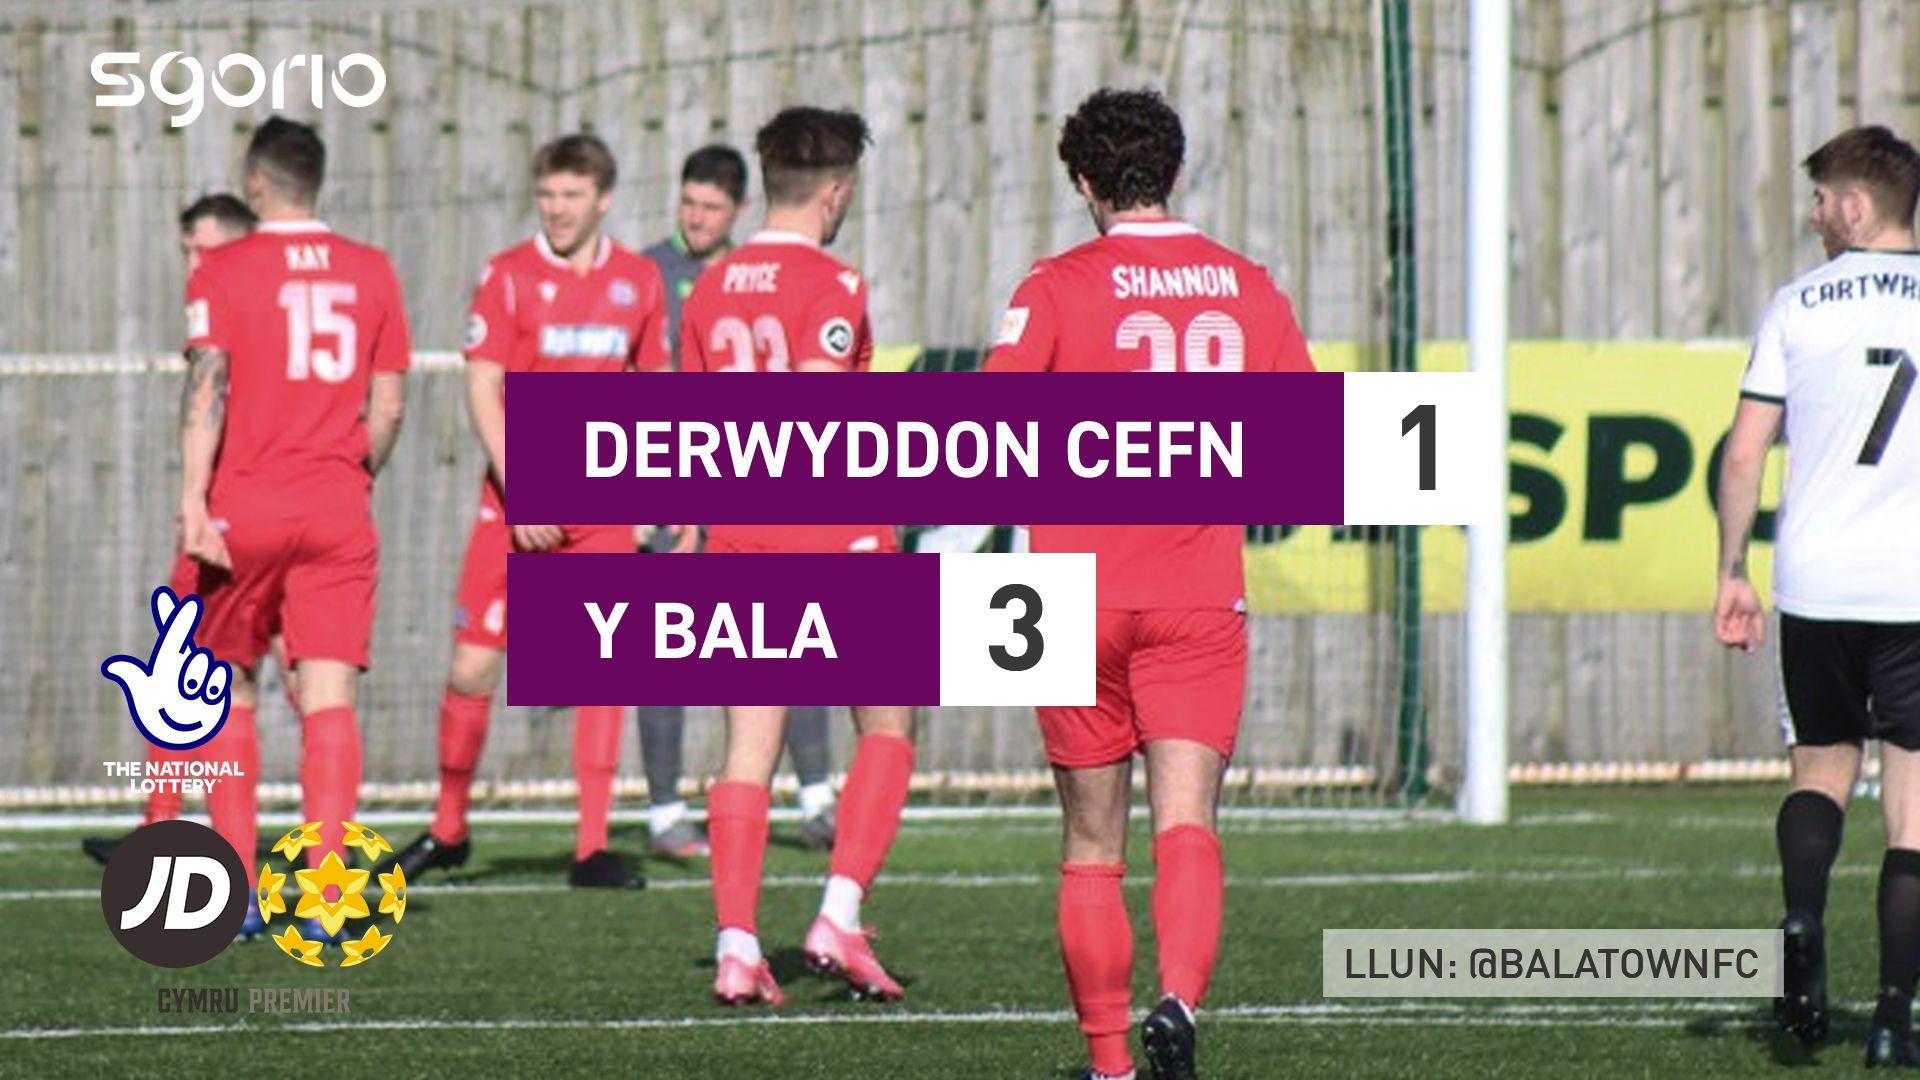 Derwyddon Cefn 1-3 Y Bala